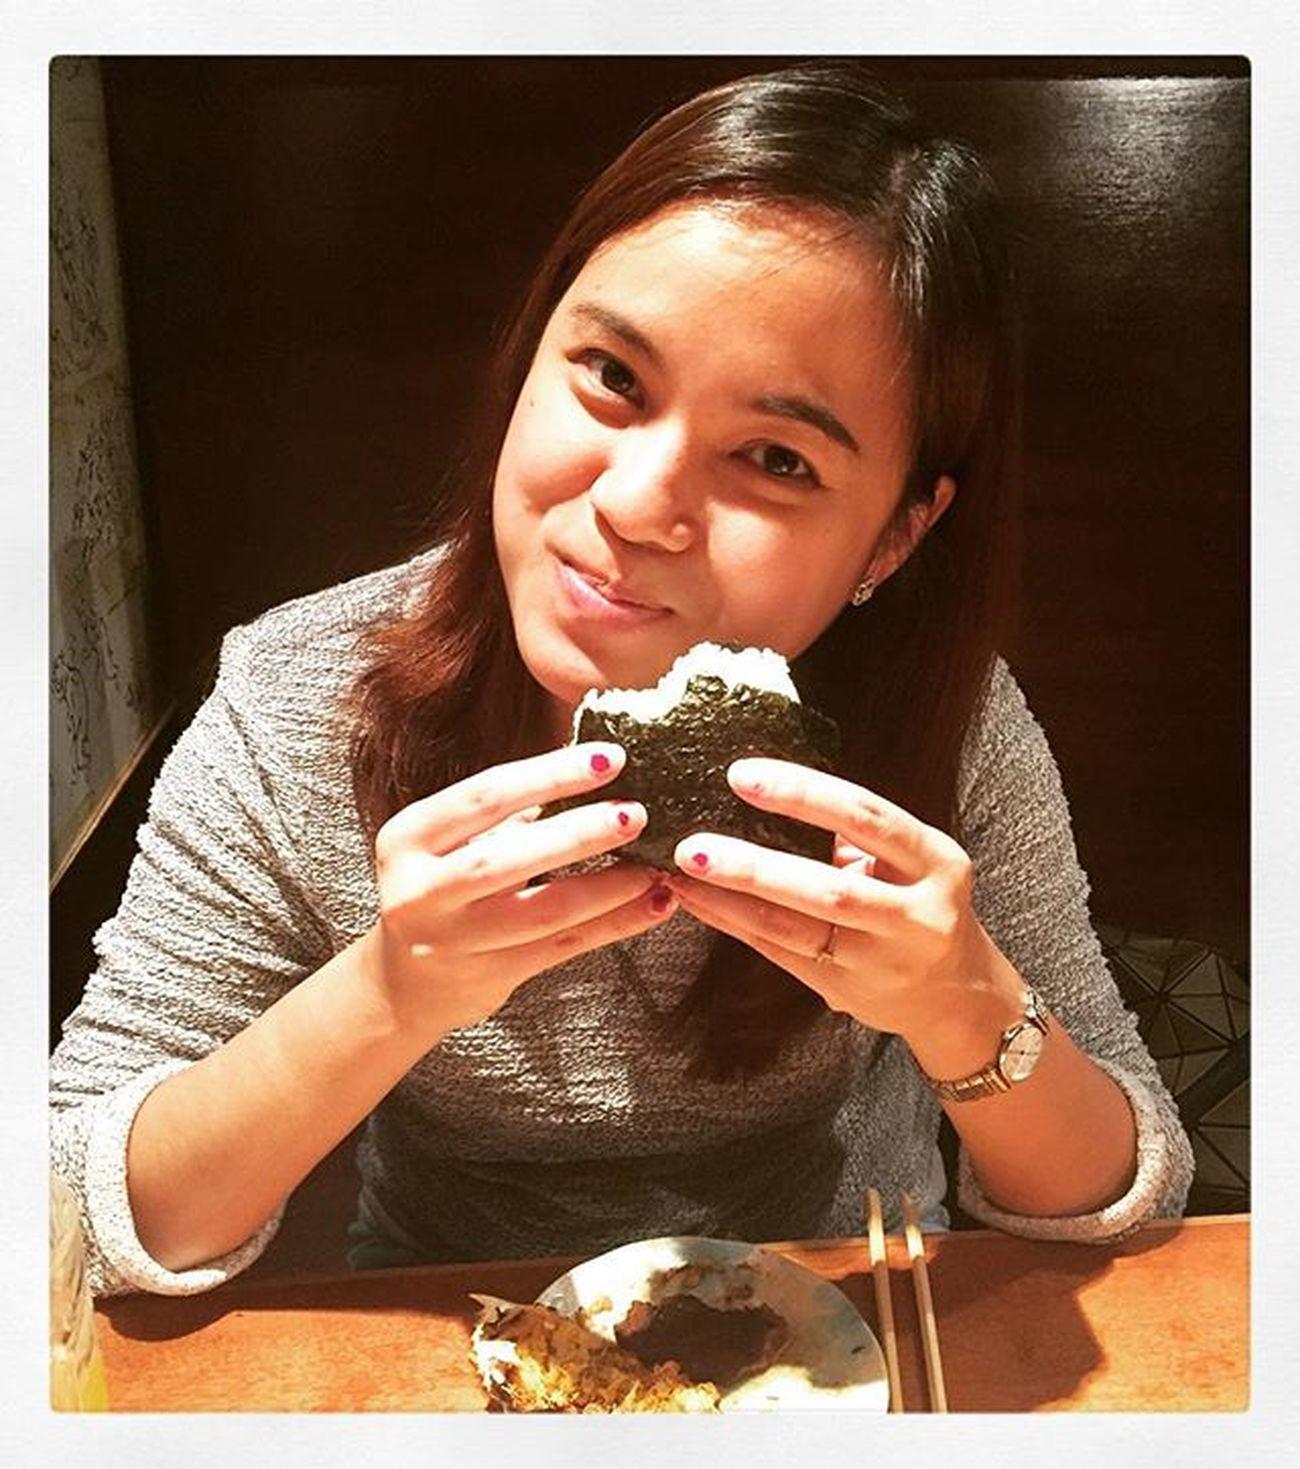 ความสุขของเมีย คือชีวิตที่สงบของเรา สายแดก สายแข็ง กินเข้าไปอย่าได้ถอย เข้าใจยังทำไมกรูอ้วน Daimasu